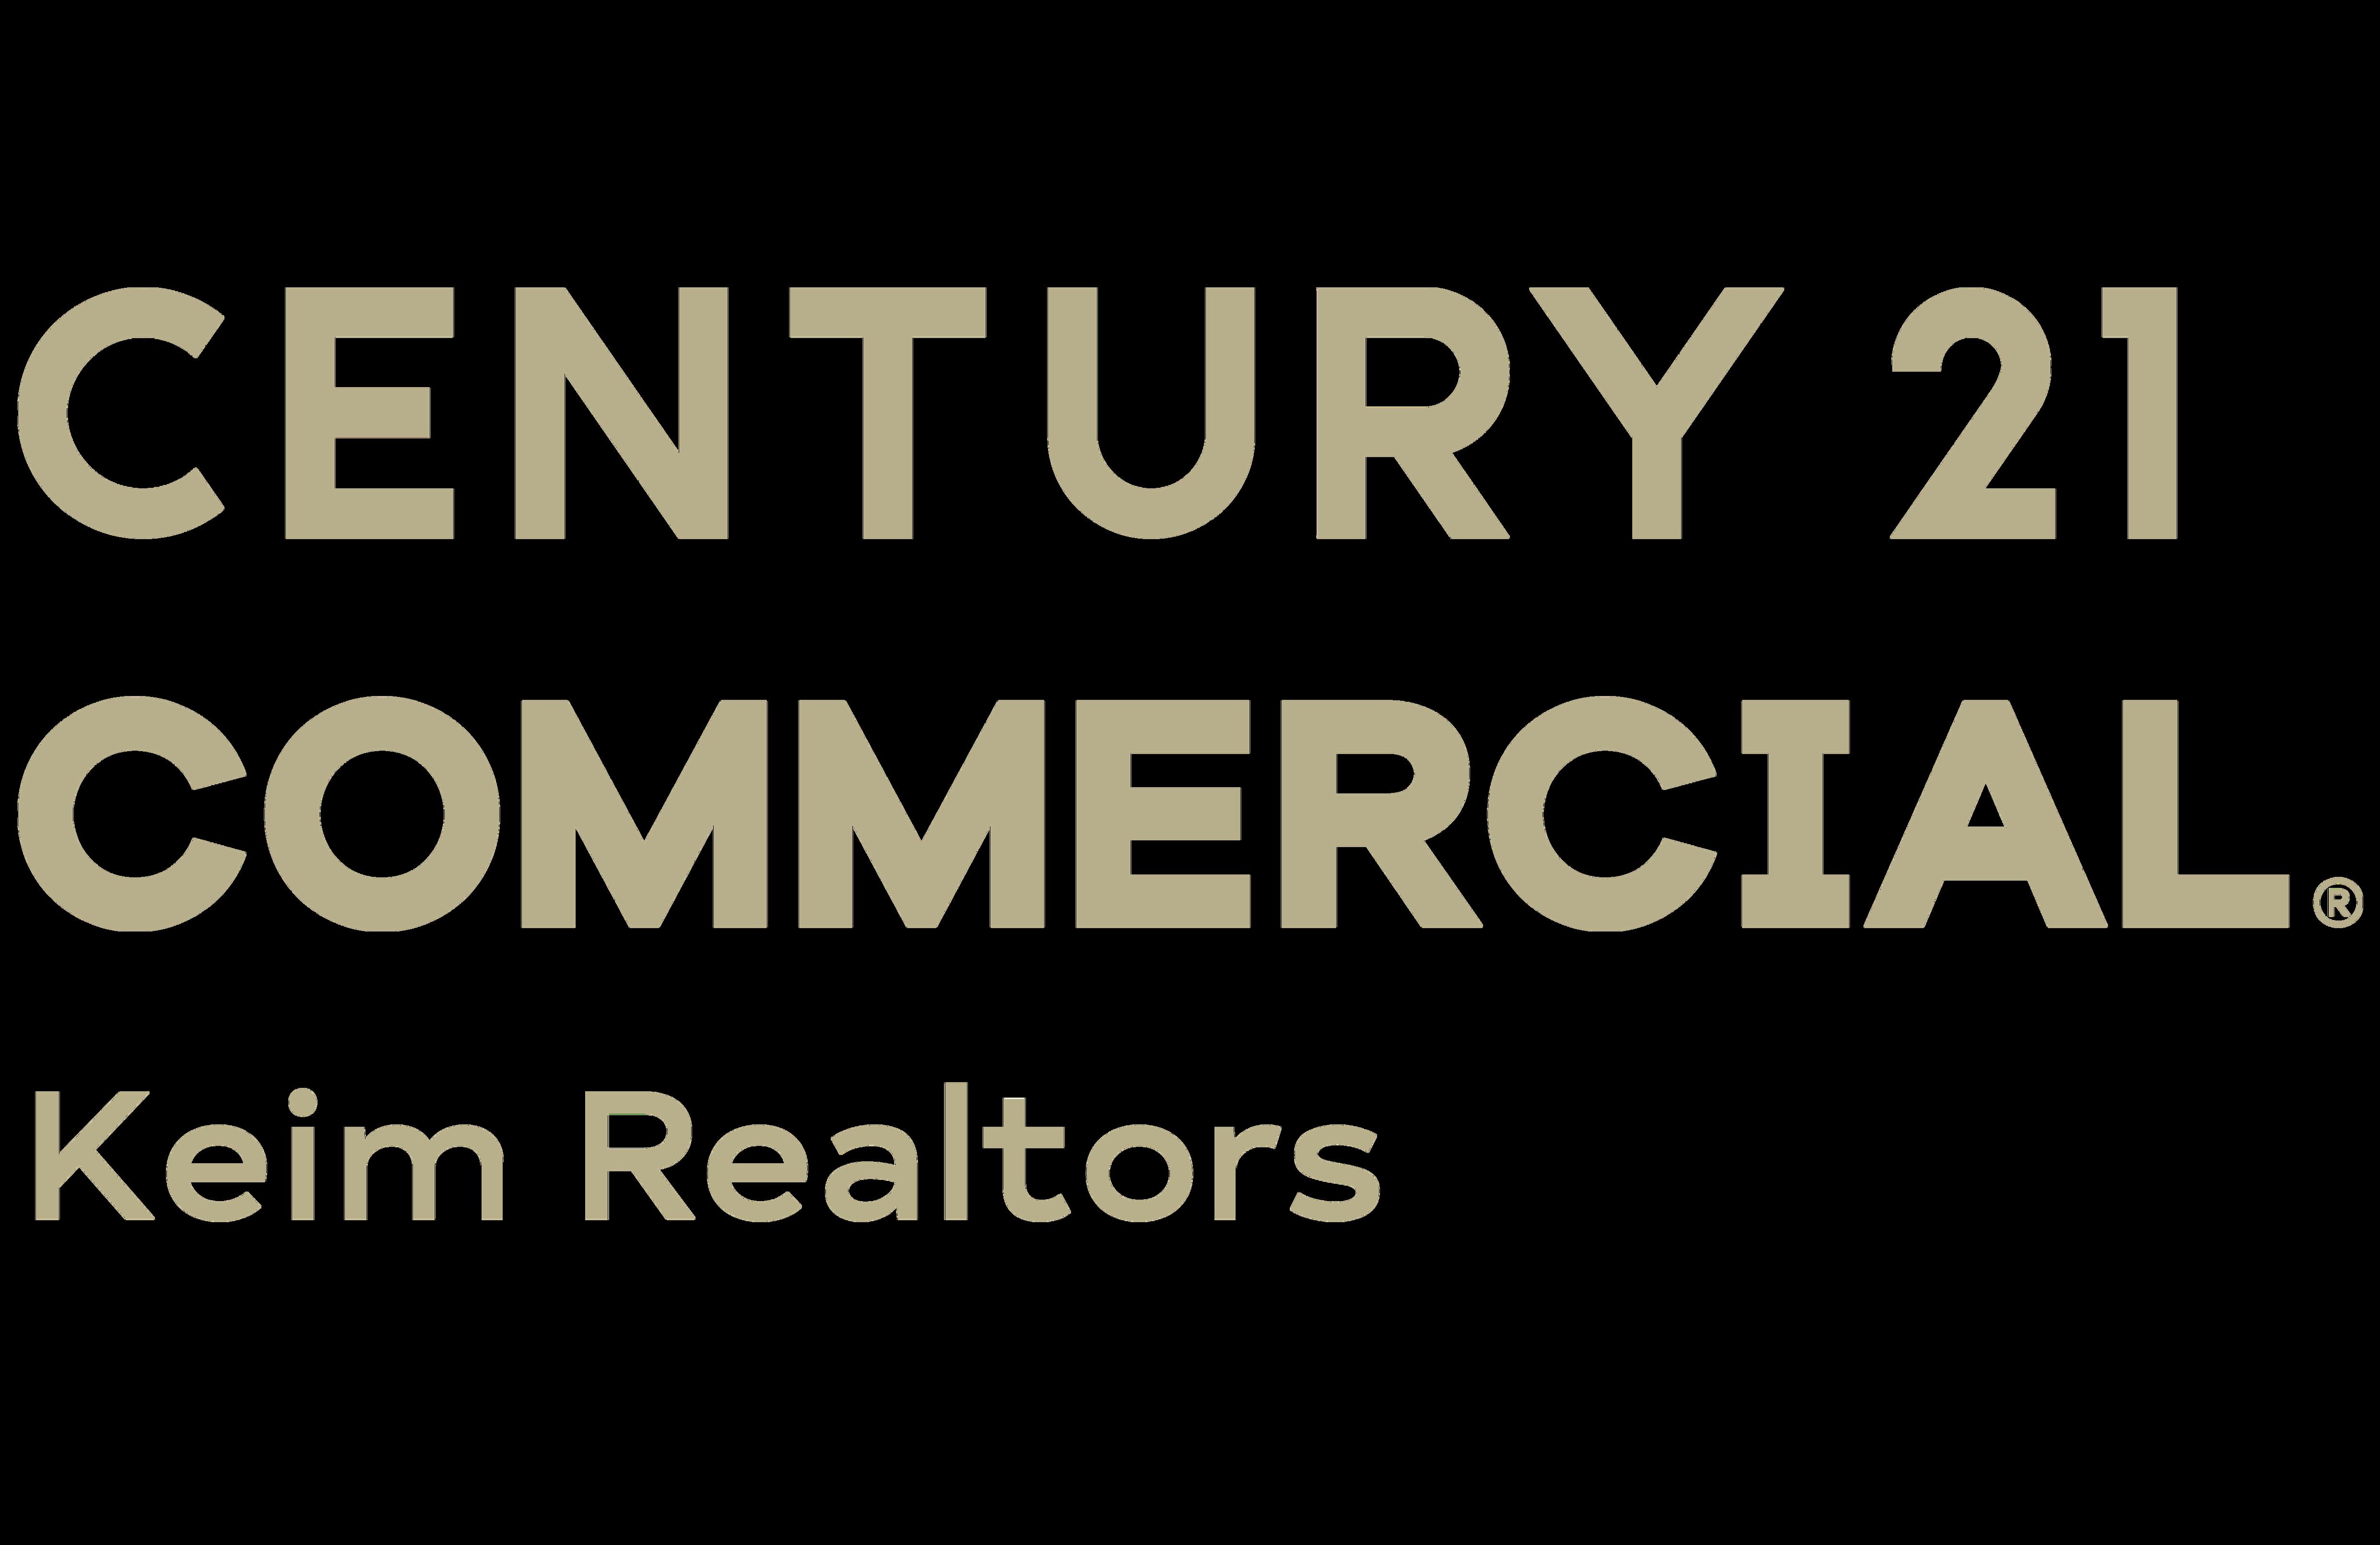 The Keim Group of CENTURY 21 Keim Realtors logo